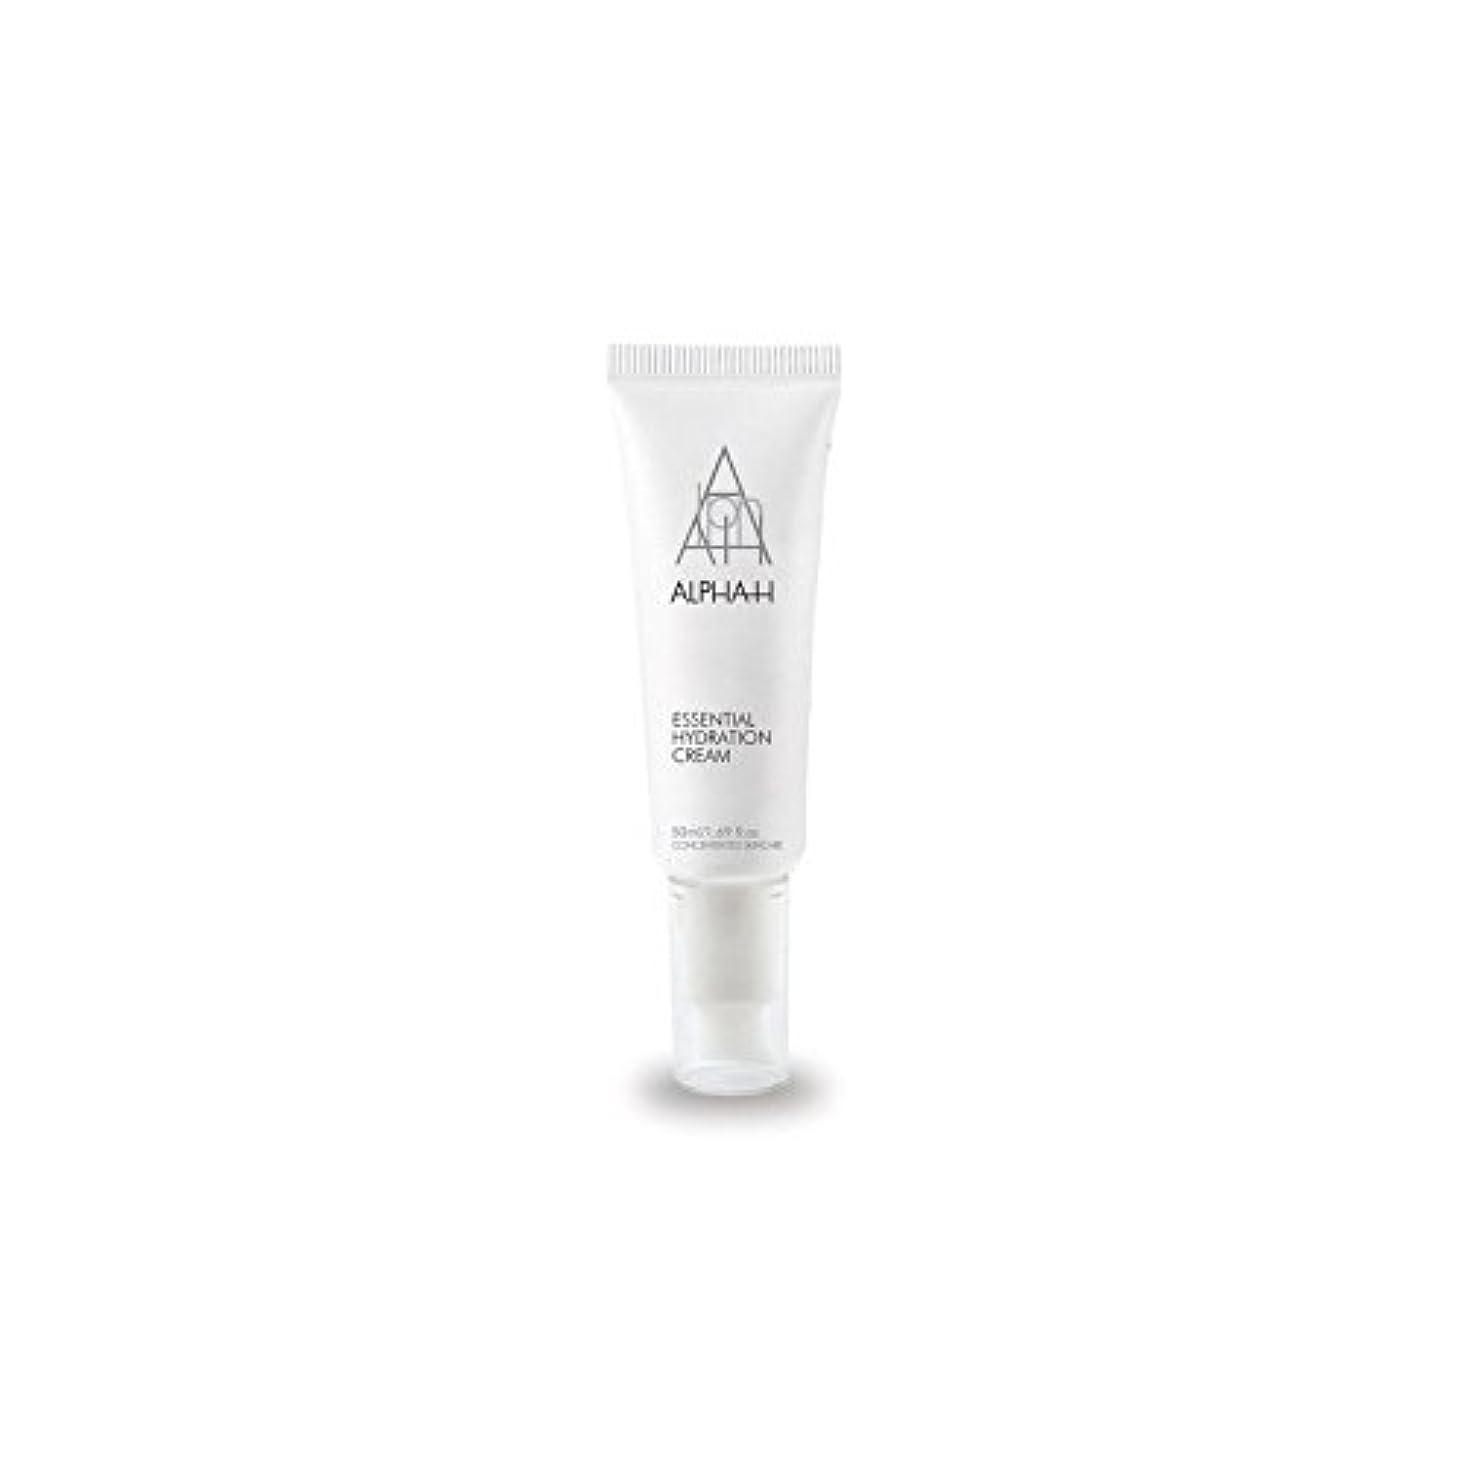 アルファ必須水和クリーム(50)中 x4 - Alpha-H Essential Hydration Cream (50ml) (Pack of 4) [並行輸入品]